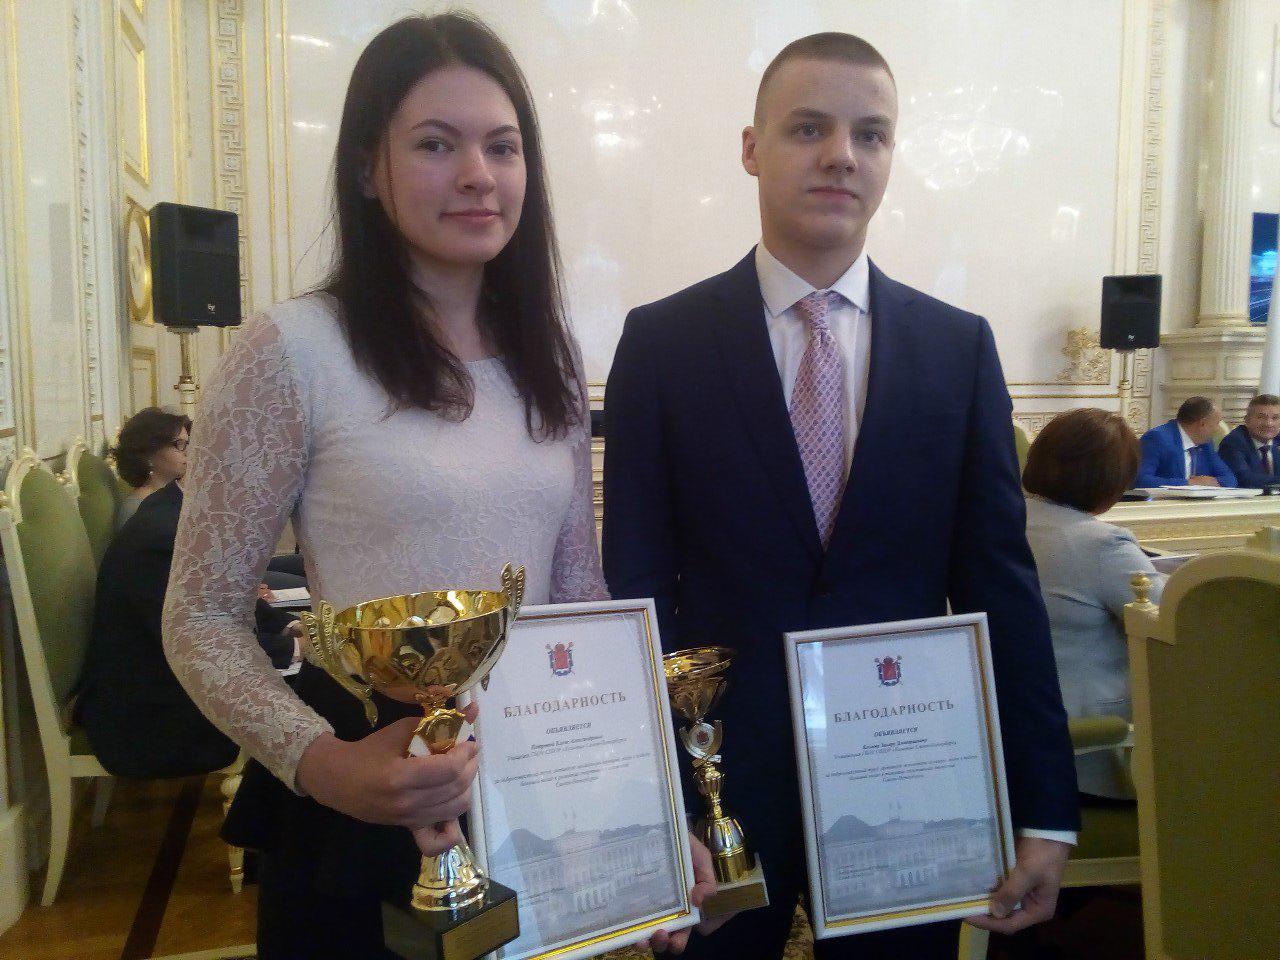 фото ЗакС политика В Заксобрании наградили петербургских фехтовальщиков